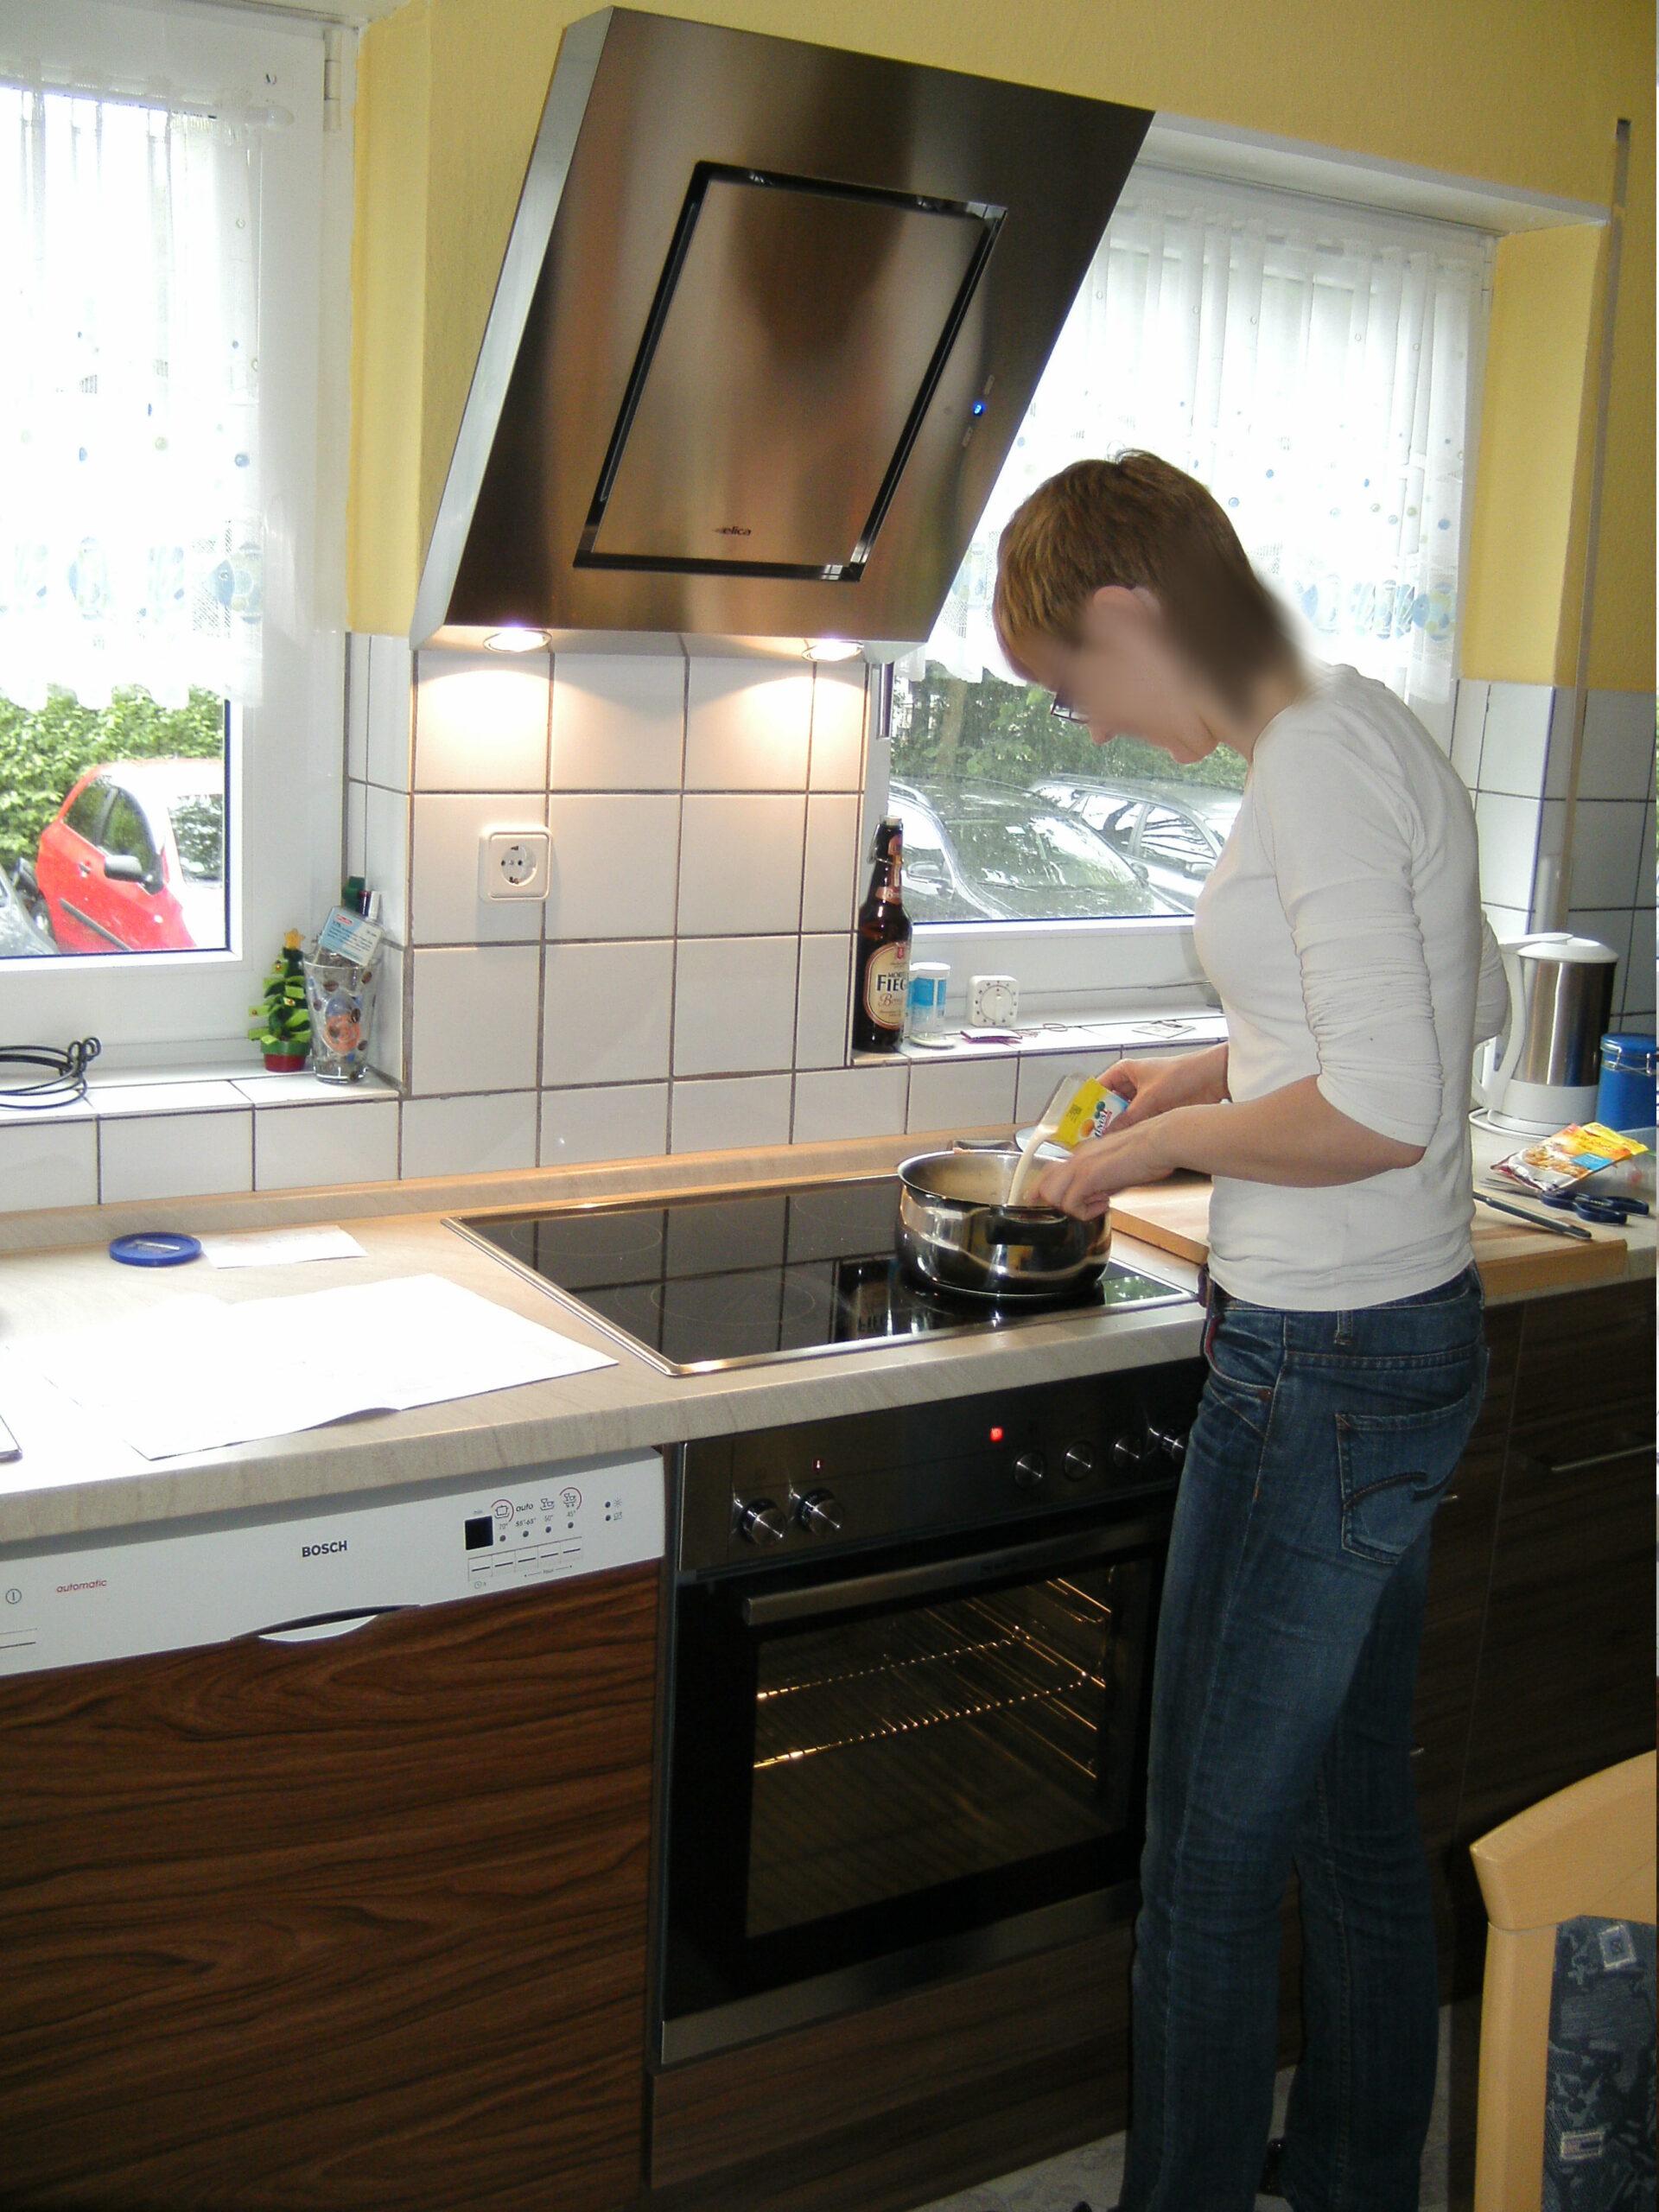 Full Size of Küchen Roller Sowas Gibts Nicht Doch Bei Der Tgliche Wahnsinn Regal Regale Wohnzimmer Küchen Roller